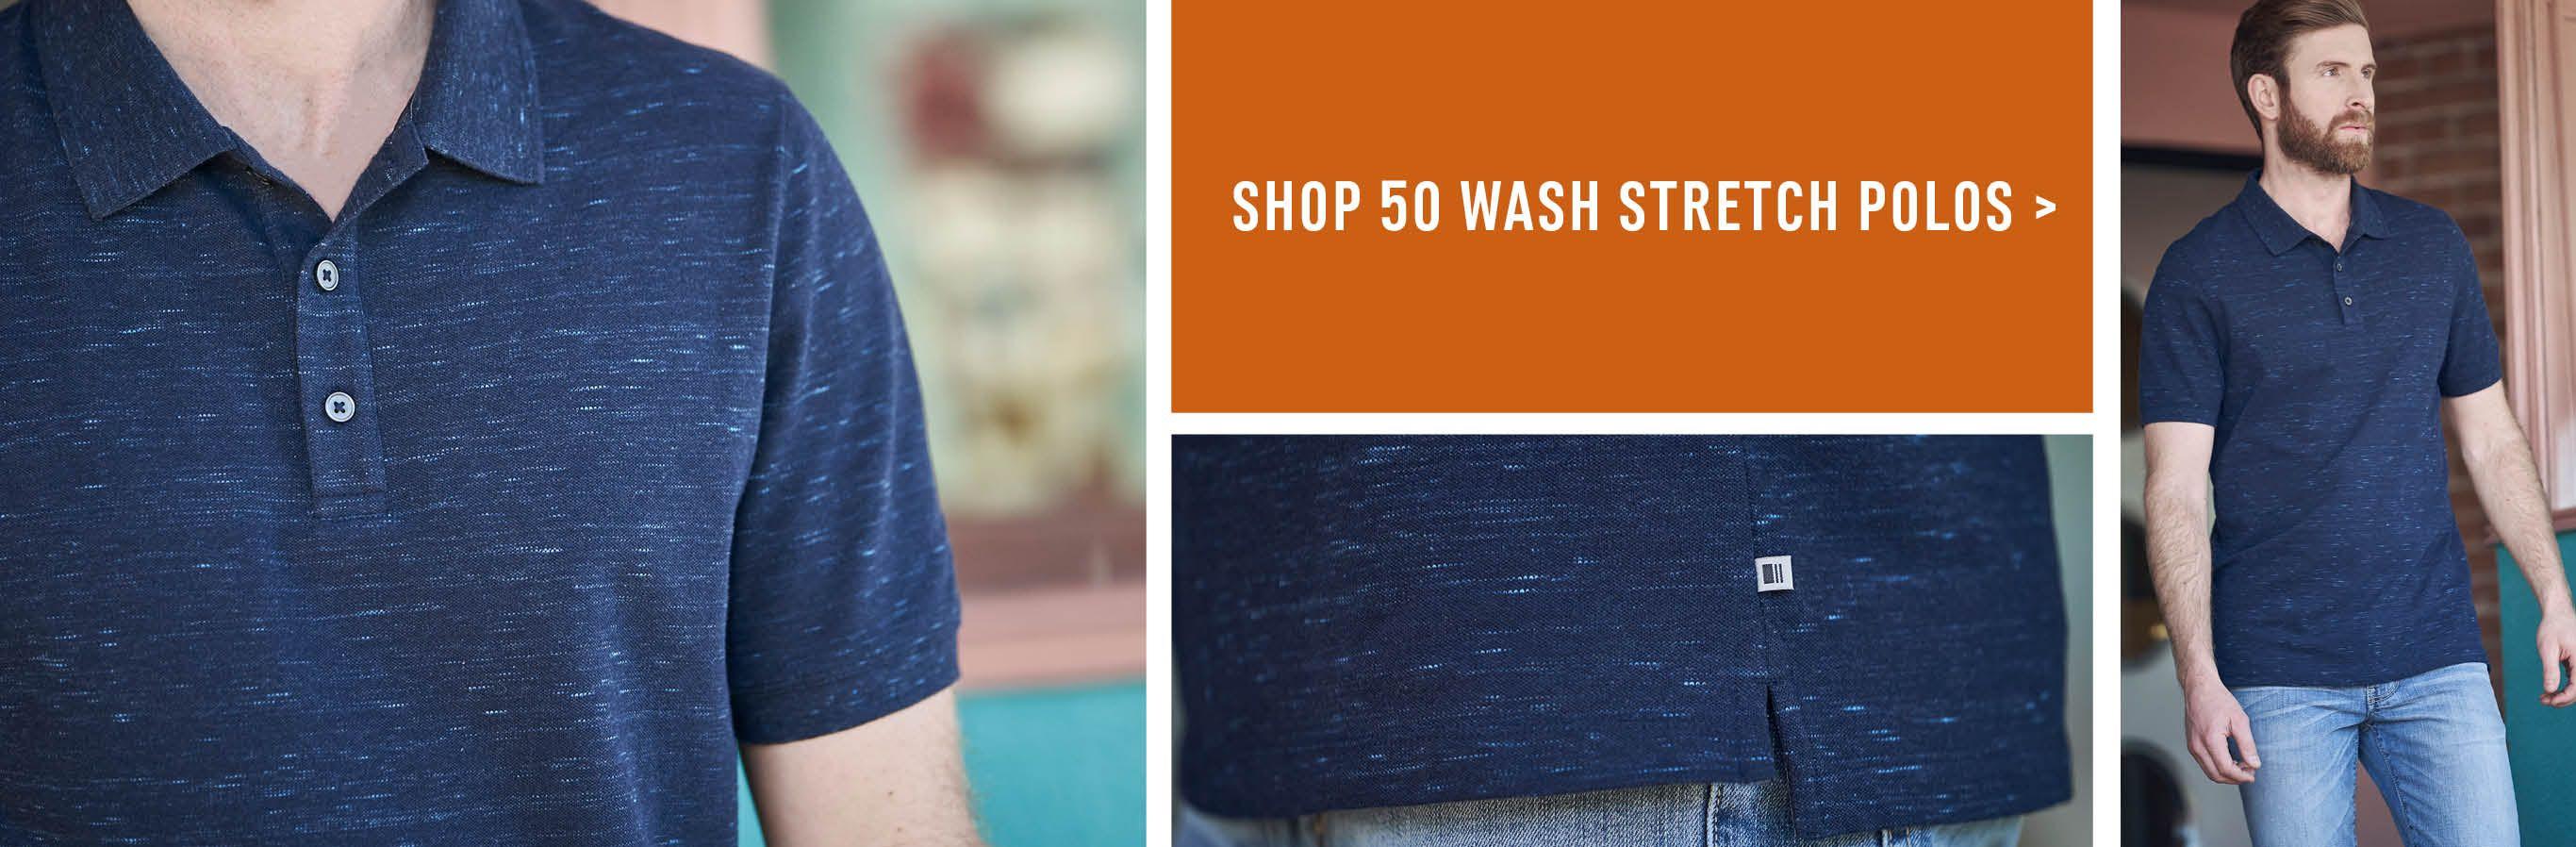 Shop 50 Wash Stretch Polos